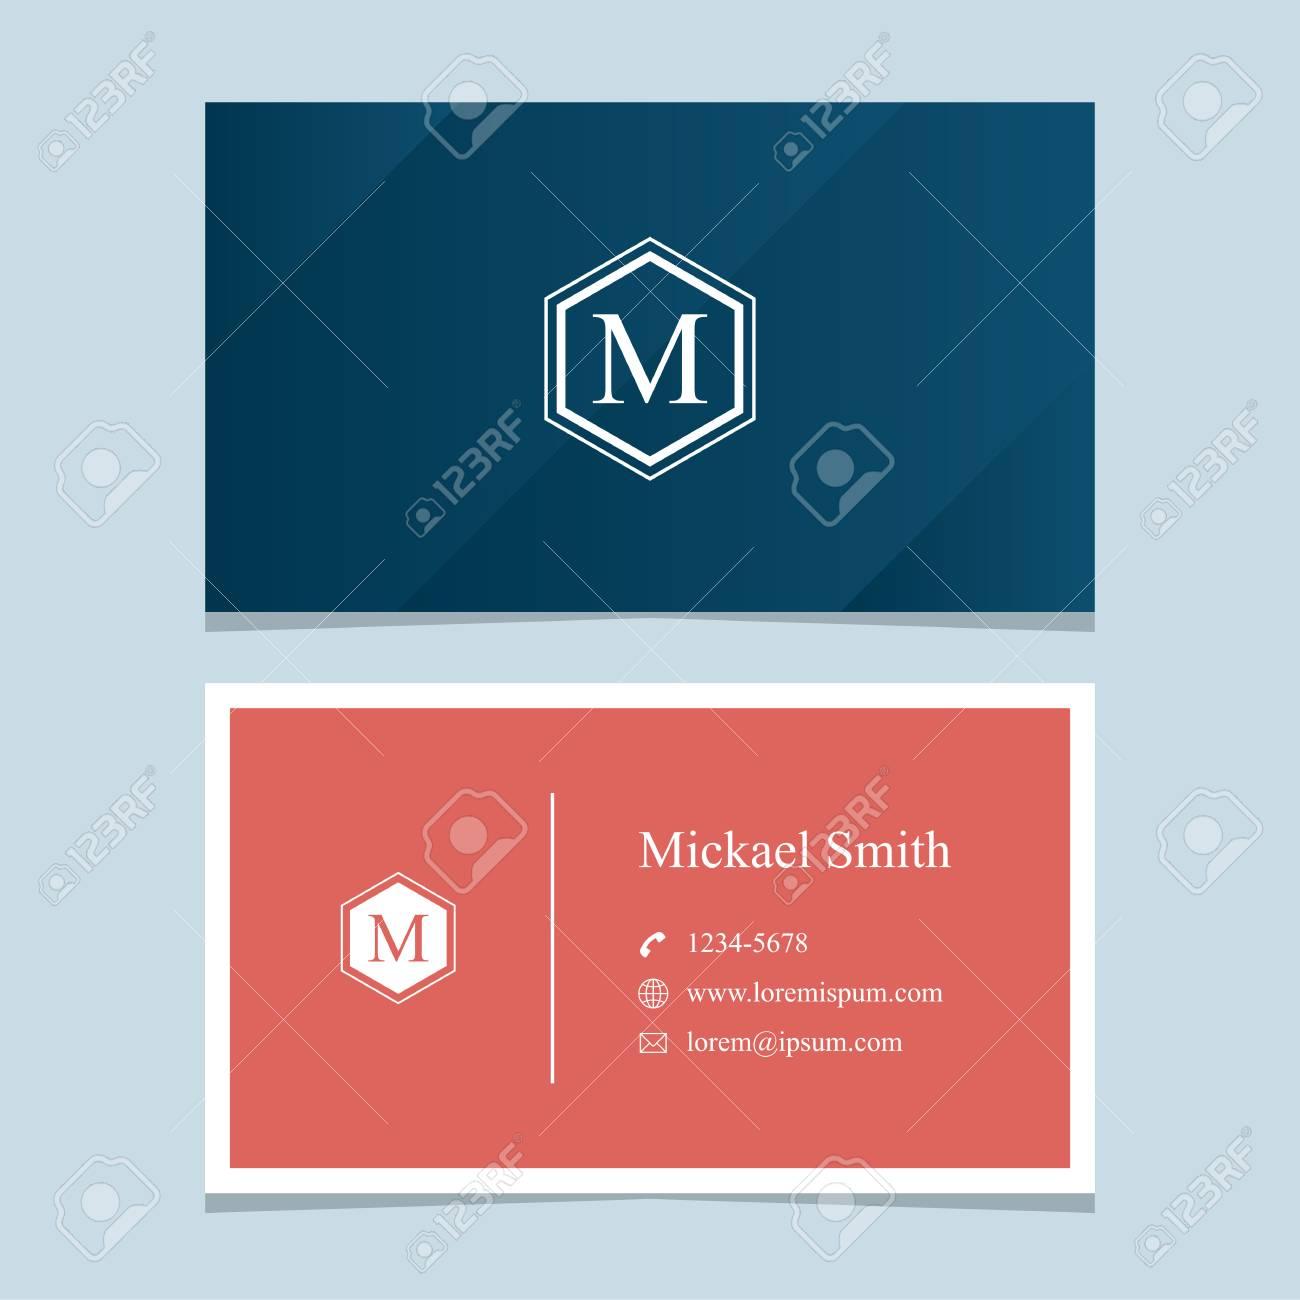 Alphabet Buchstaben M Mit Visitenkarte Vorlage Vektor Grafik Design Elemente Fur Unternehmen Lizenzfrei Nutzbare Vektorgrafiken Clip Arts